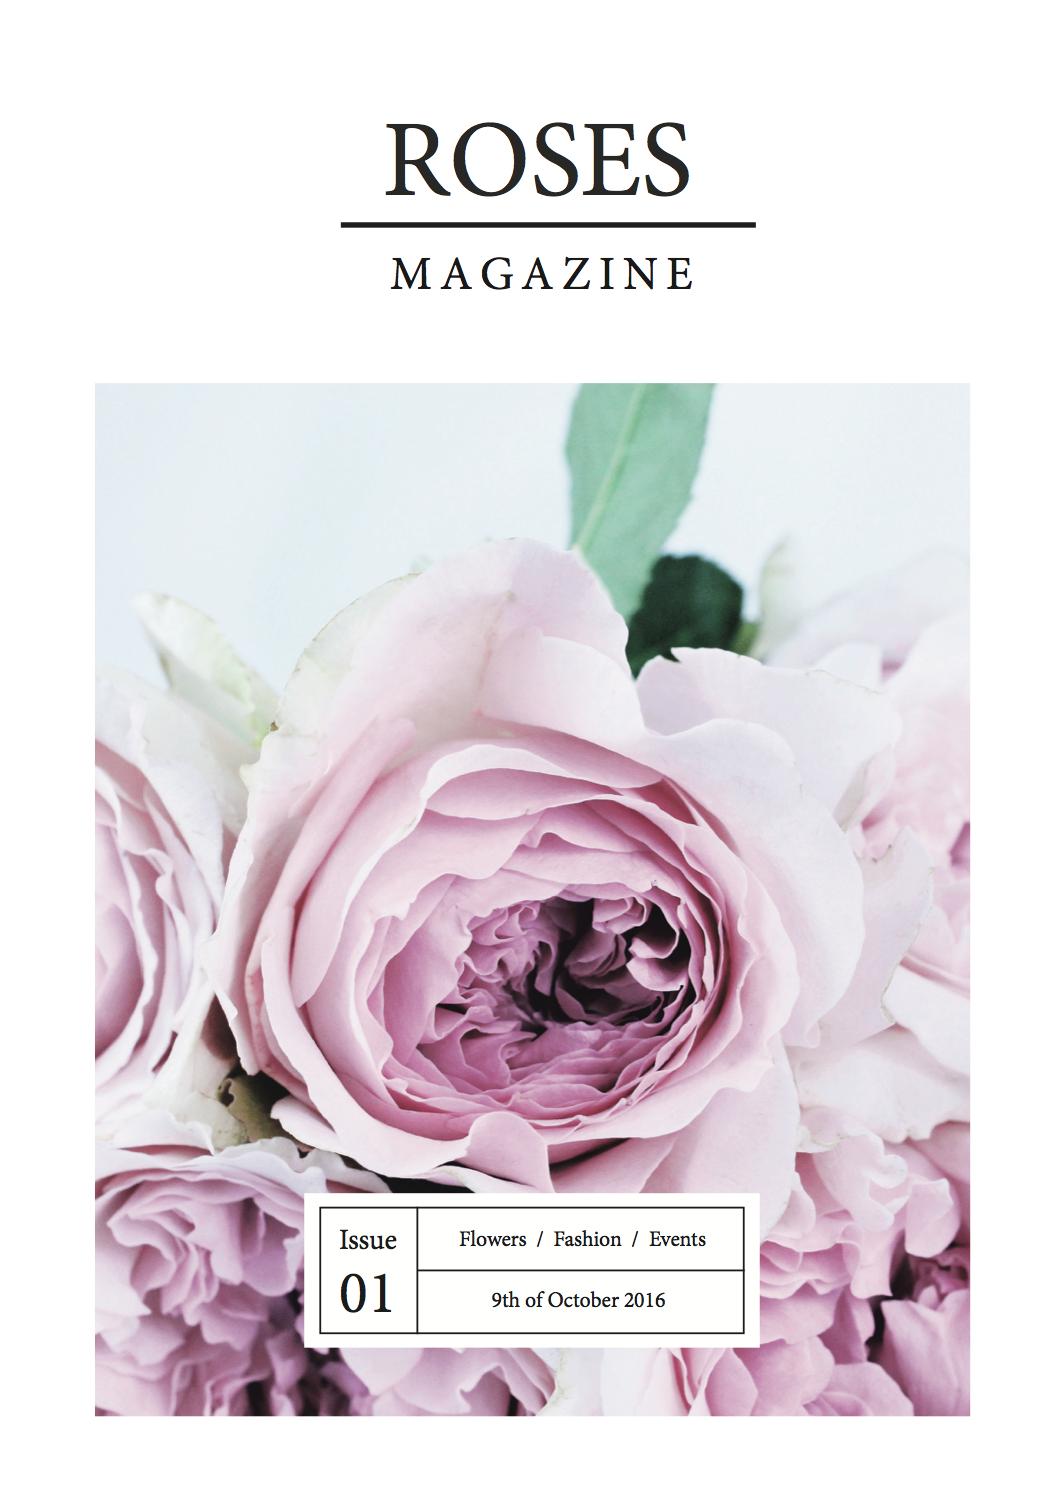 The rose magazine magazines